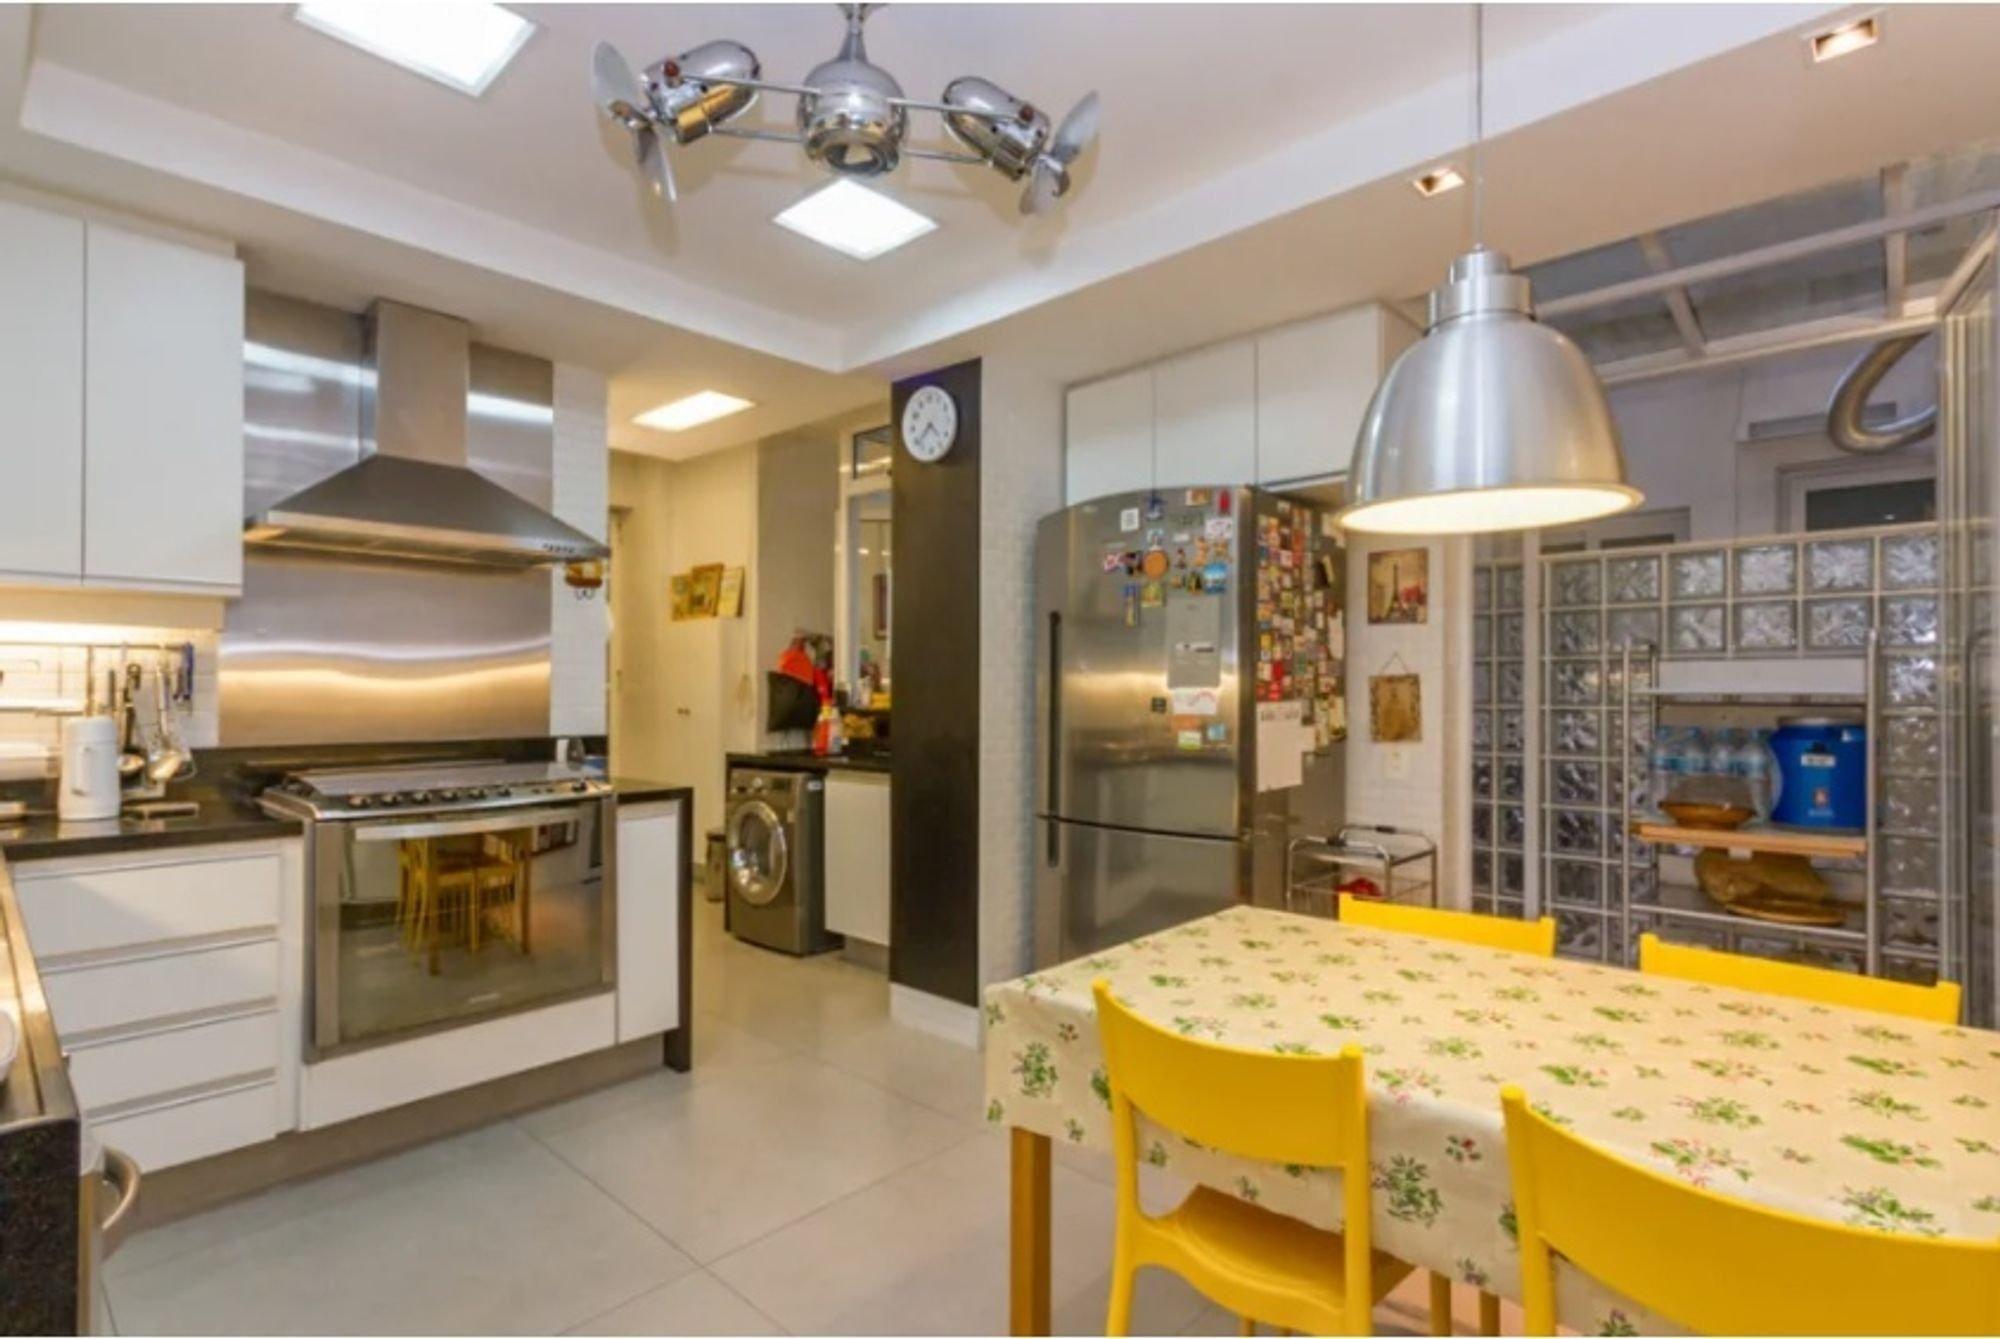 Foto de Cozinha com relógio, forno, geladeira, cadeira, mesa de jantar